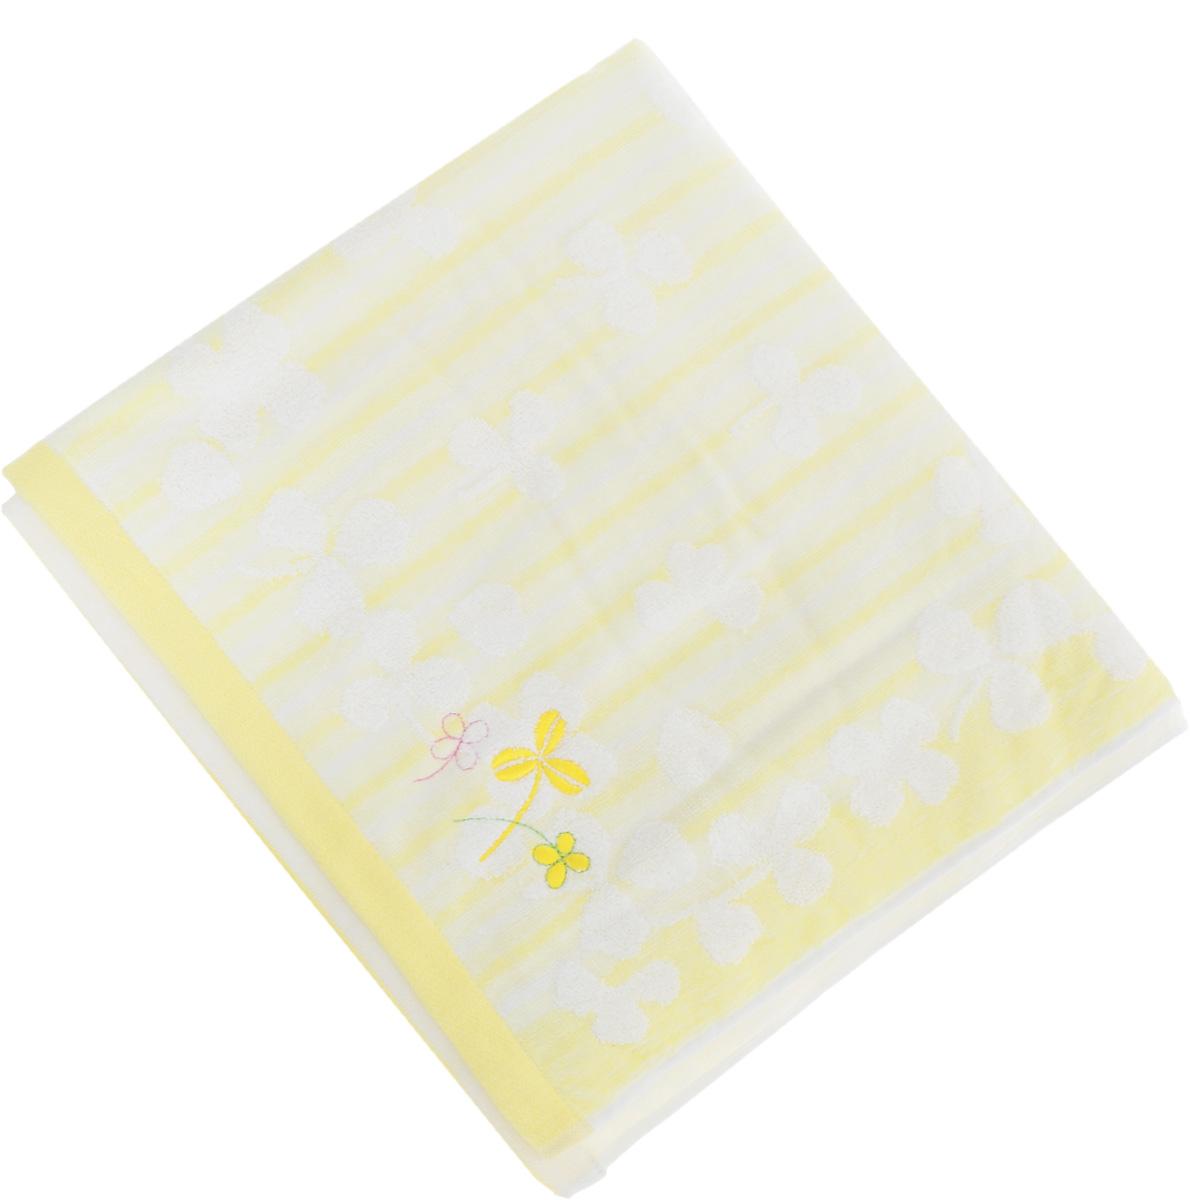 Полотенце Soavita Desy, цвет: желтый, 70 х 140 см77110Полотенце Soavita Desy выполнено из 100% хлопка. Изделиеотлично впитывает влагу, быстро сохнет, сохраняет яркость цвета и не теряетформу даже послемногократных стирок.Полотенце очень практично и неприхотливо в уходе. Оно создаст прекрасноенастроение иукрасит интерьер в ванной комнате.